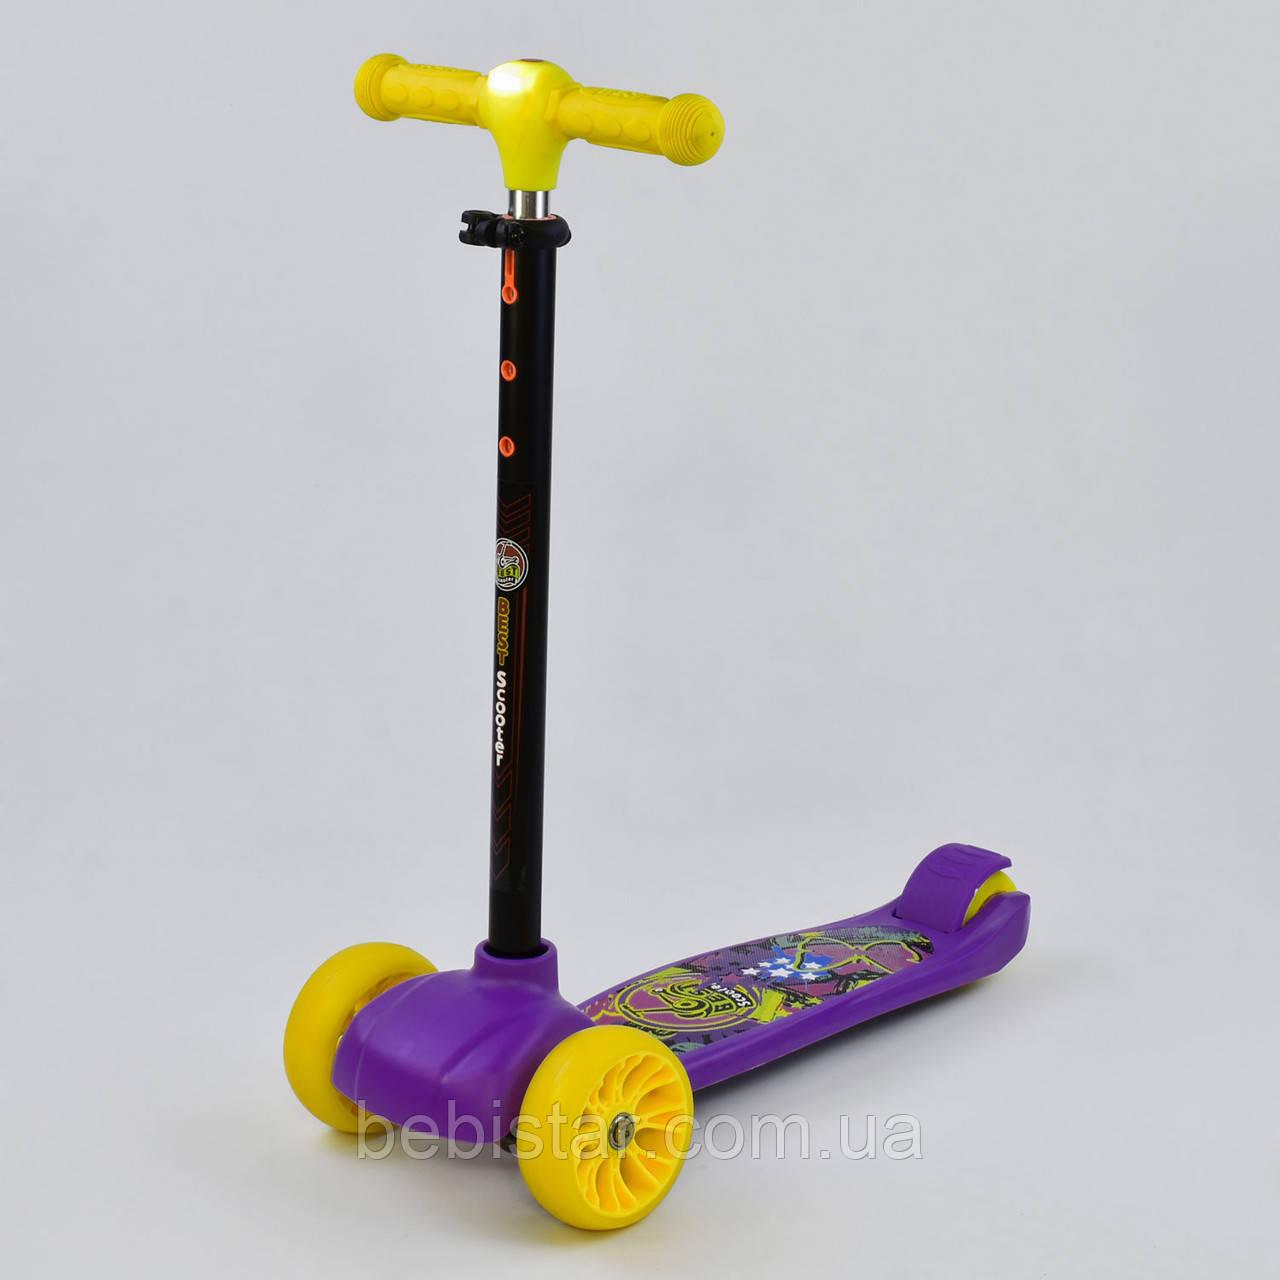 Самокат детский трехколесный Best Scooter, MAXI с фарой светящимися колесами фиолетовый деткам от 3 лет